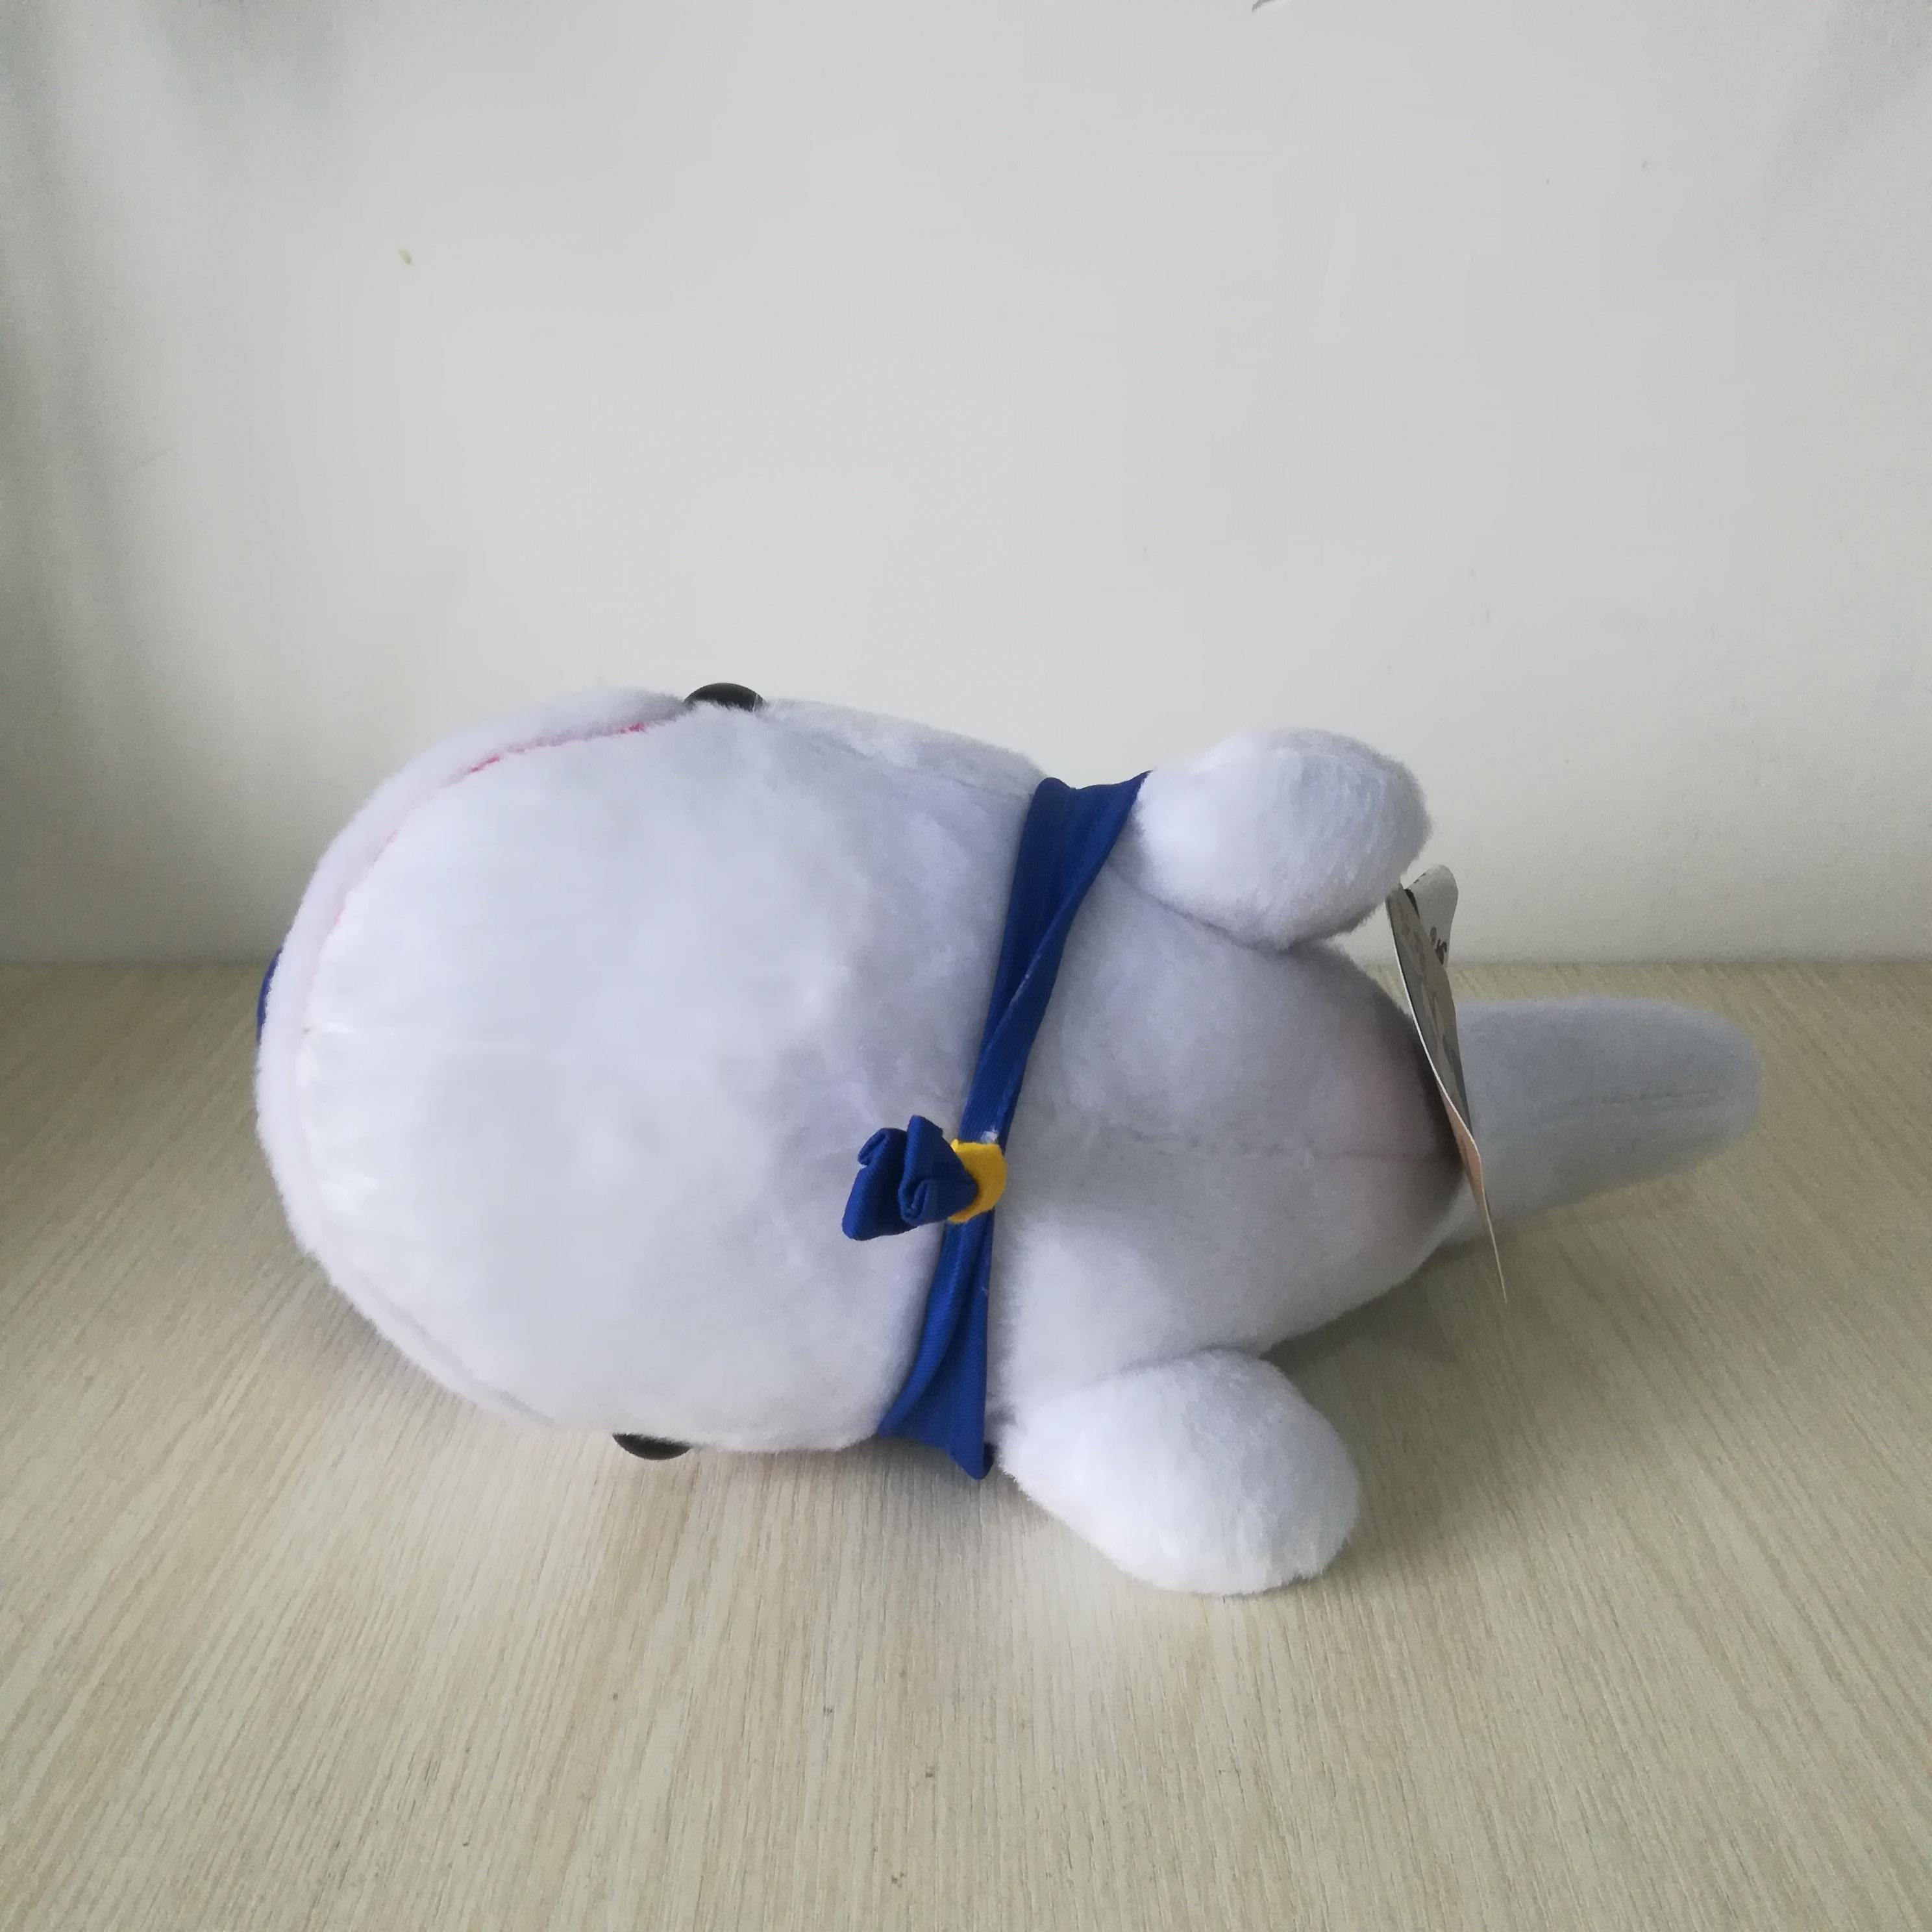 Jouet en peluche baleine design marine environ 30cm dauphin doux poupée cadeau d'anniversaire b0862 - 4